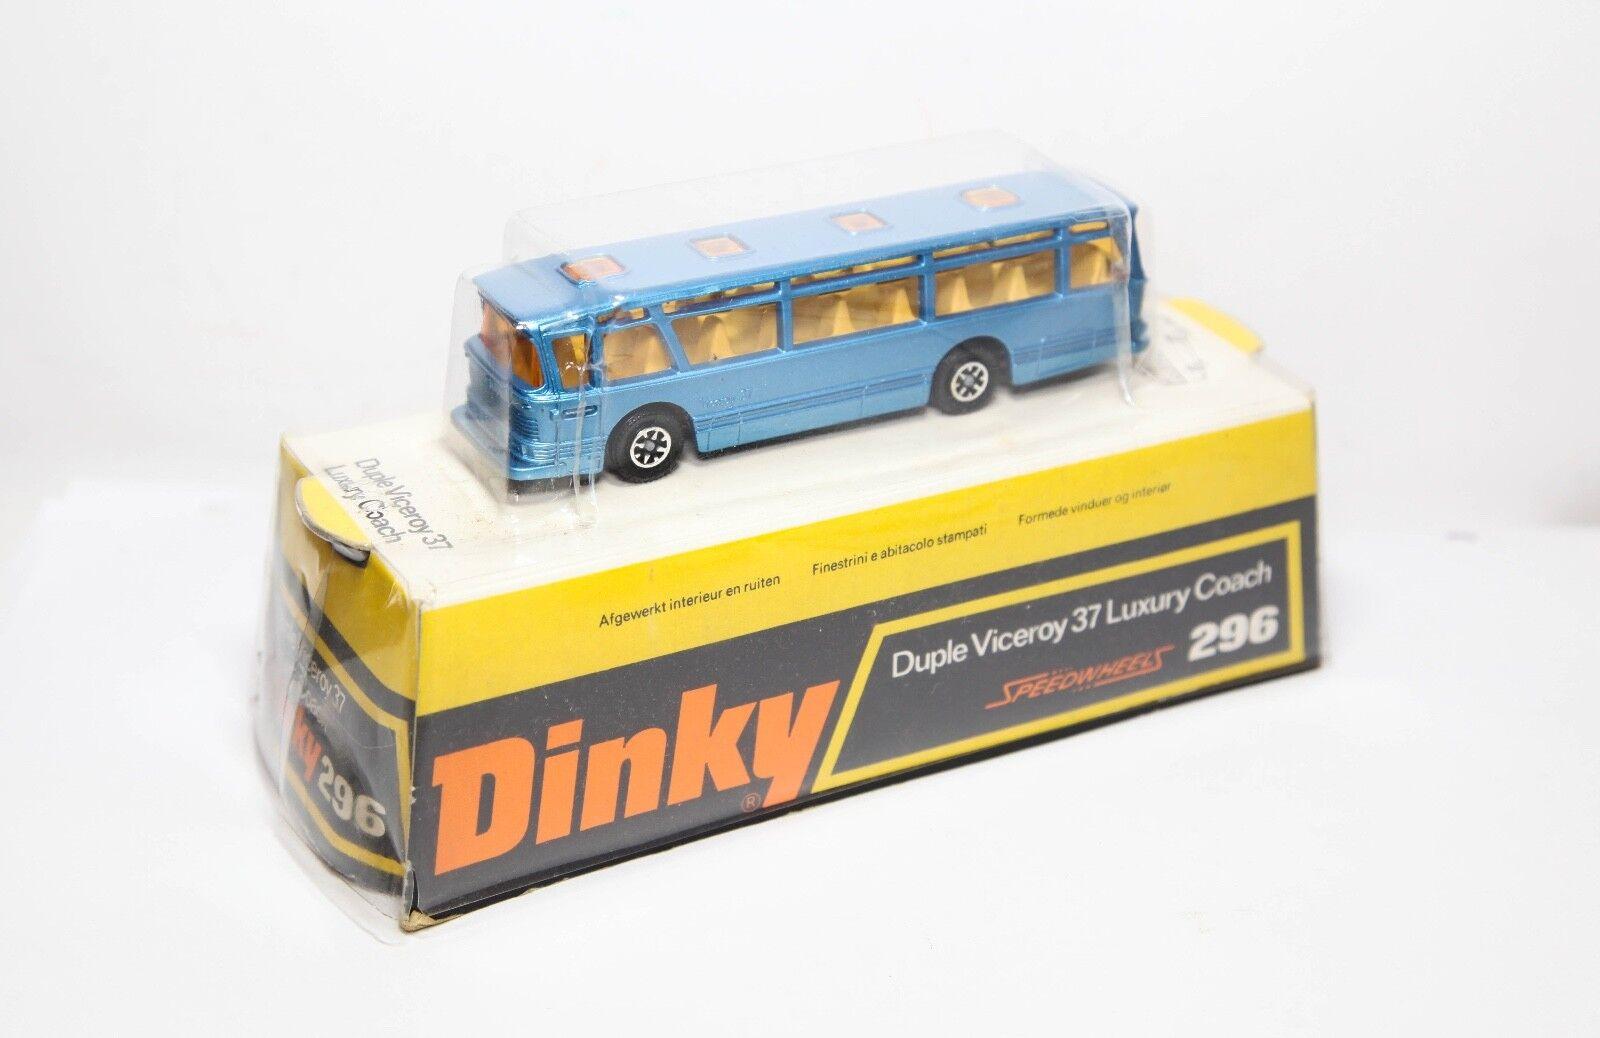 Dinky 296 DUPLE VICEROY 37 Luxe Coach dans boîte d'origine-EX Shop Stock RARE | économie  | Pas Cher  | Une Forte Résistance à Chaleur Et Résistant  | Le Moins Cher